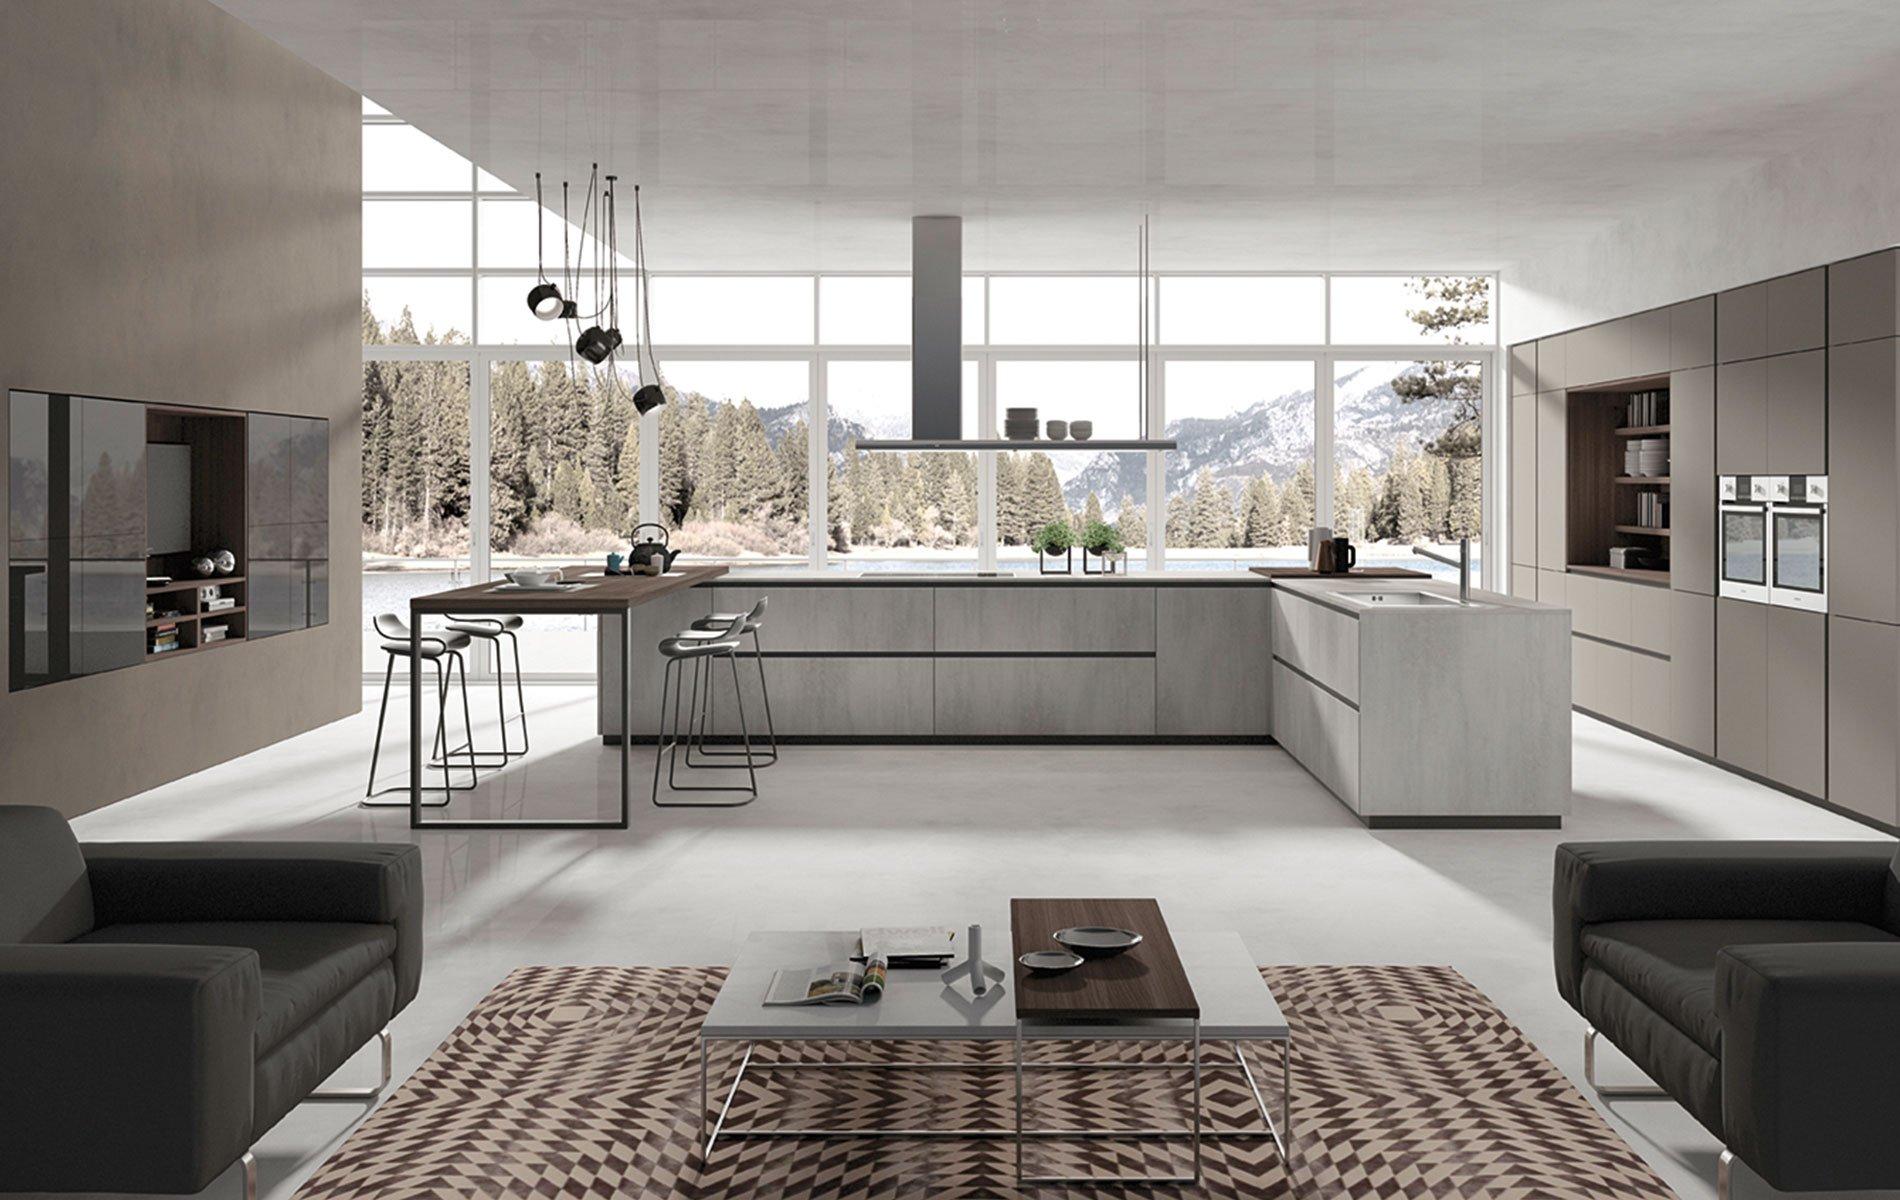 una cucina open space con mobili angolari